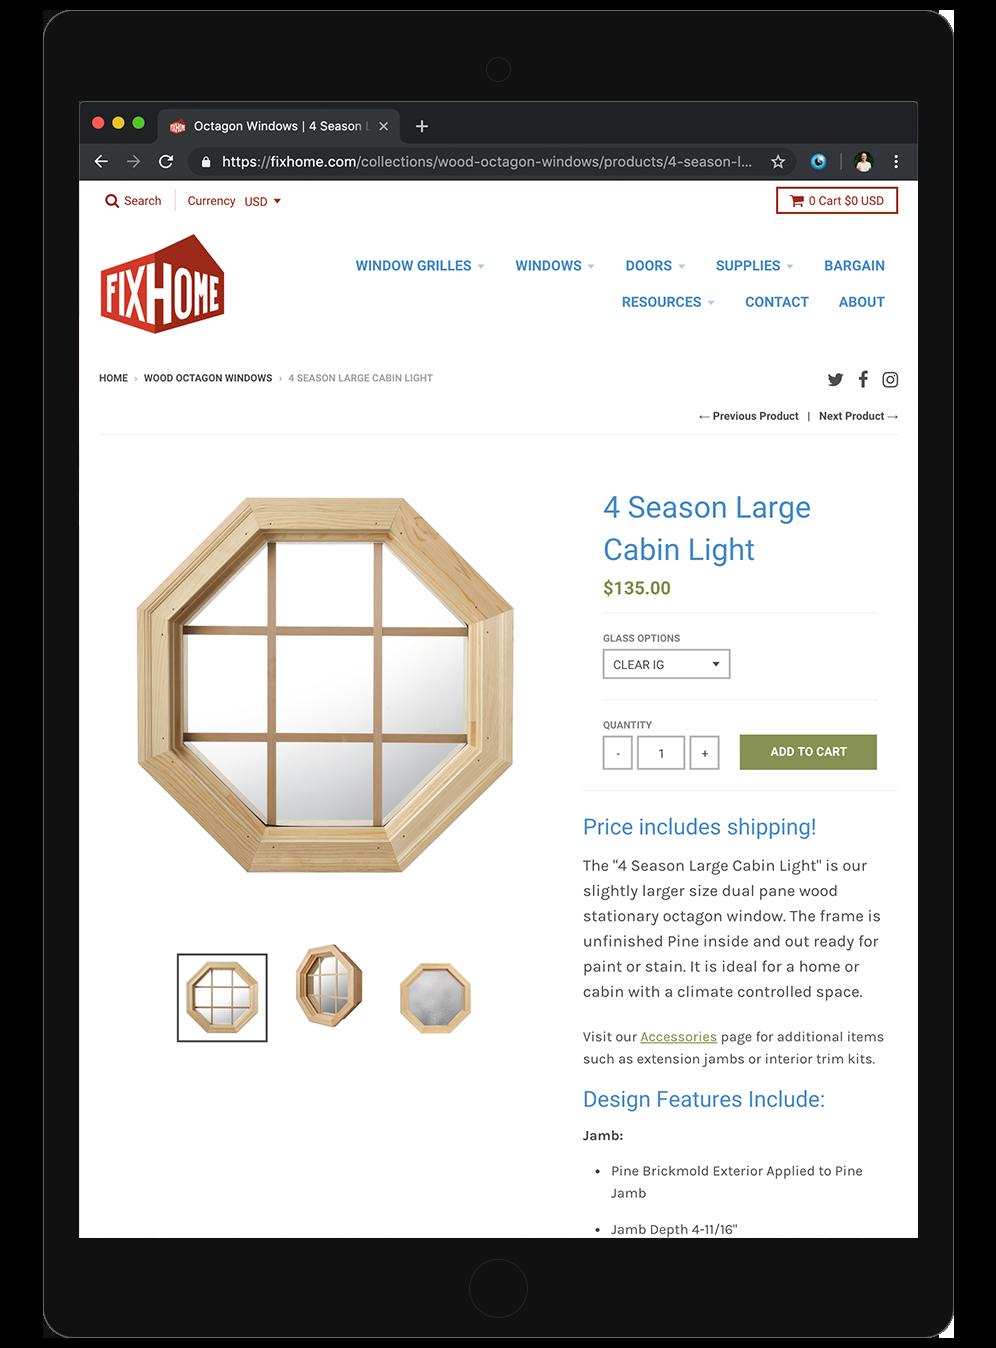 fh-tablet-web-design.png